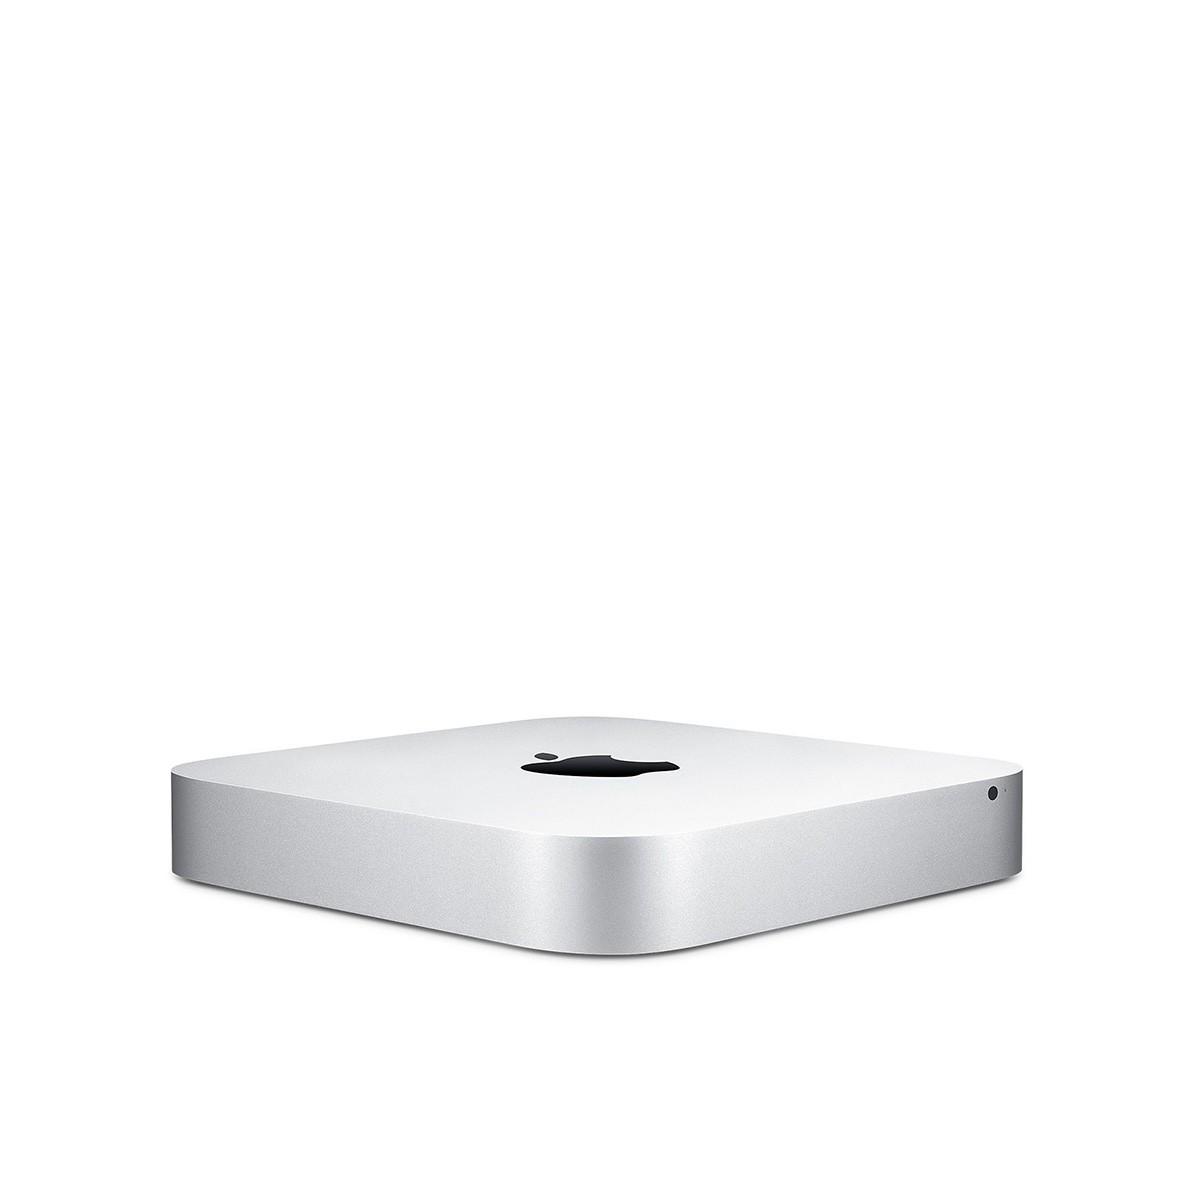 Mac mini: 2.6 GHz